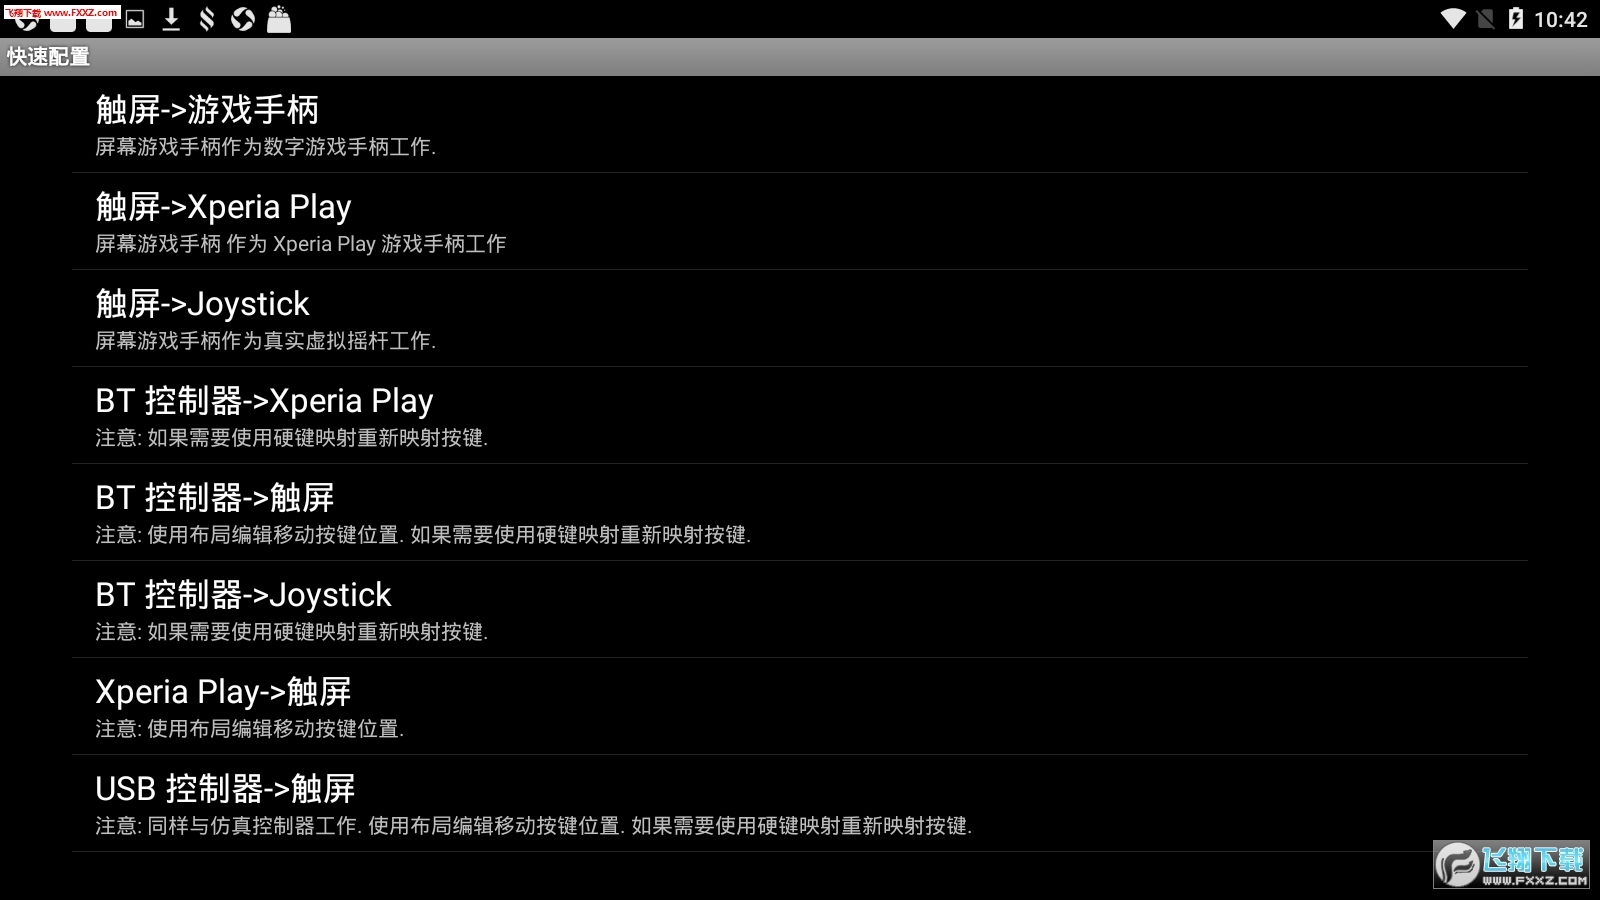 虚拟伟德娱乐键盘6.0汉化版截图2